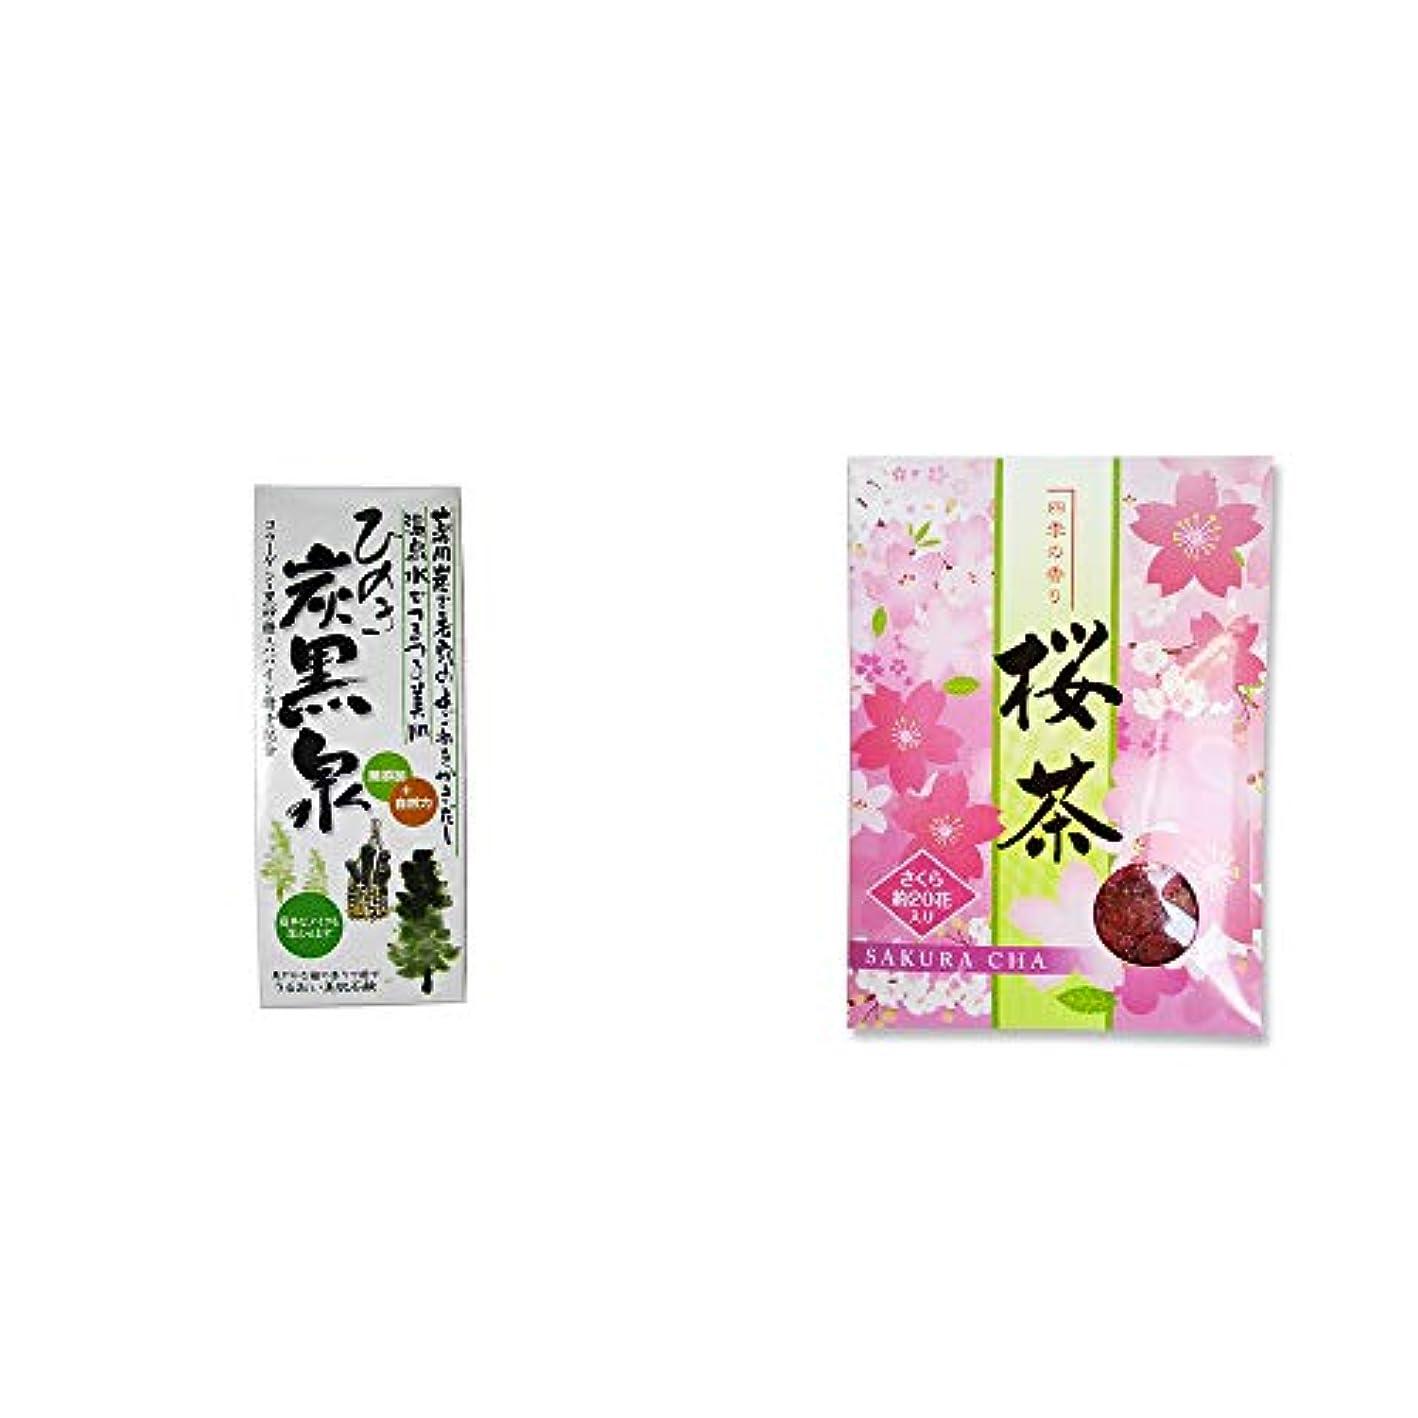 クライマックス見つけたジレンマ[2点セット] ひのき炭黒泉 箱入り(75g×3)?桜茶(40g)